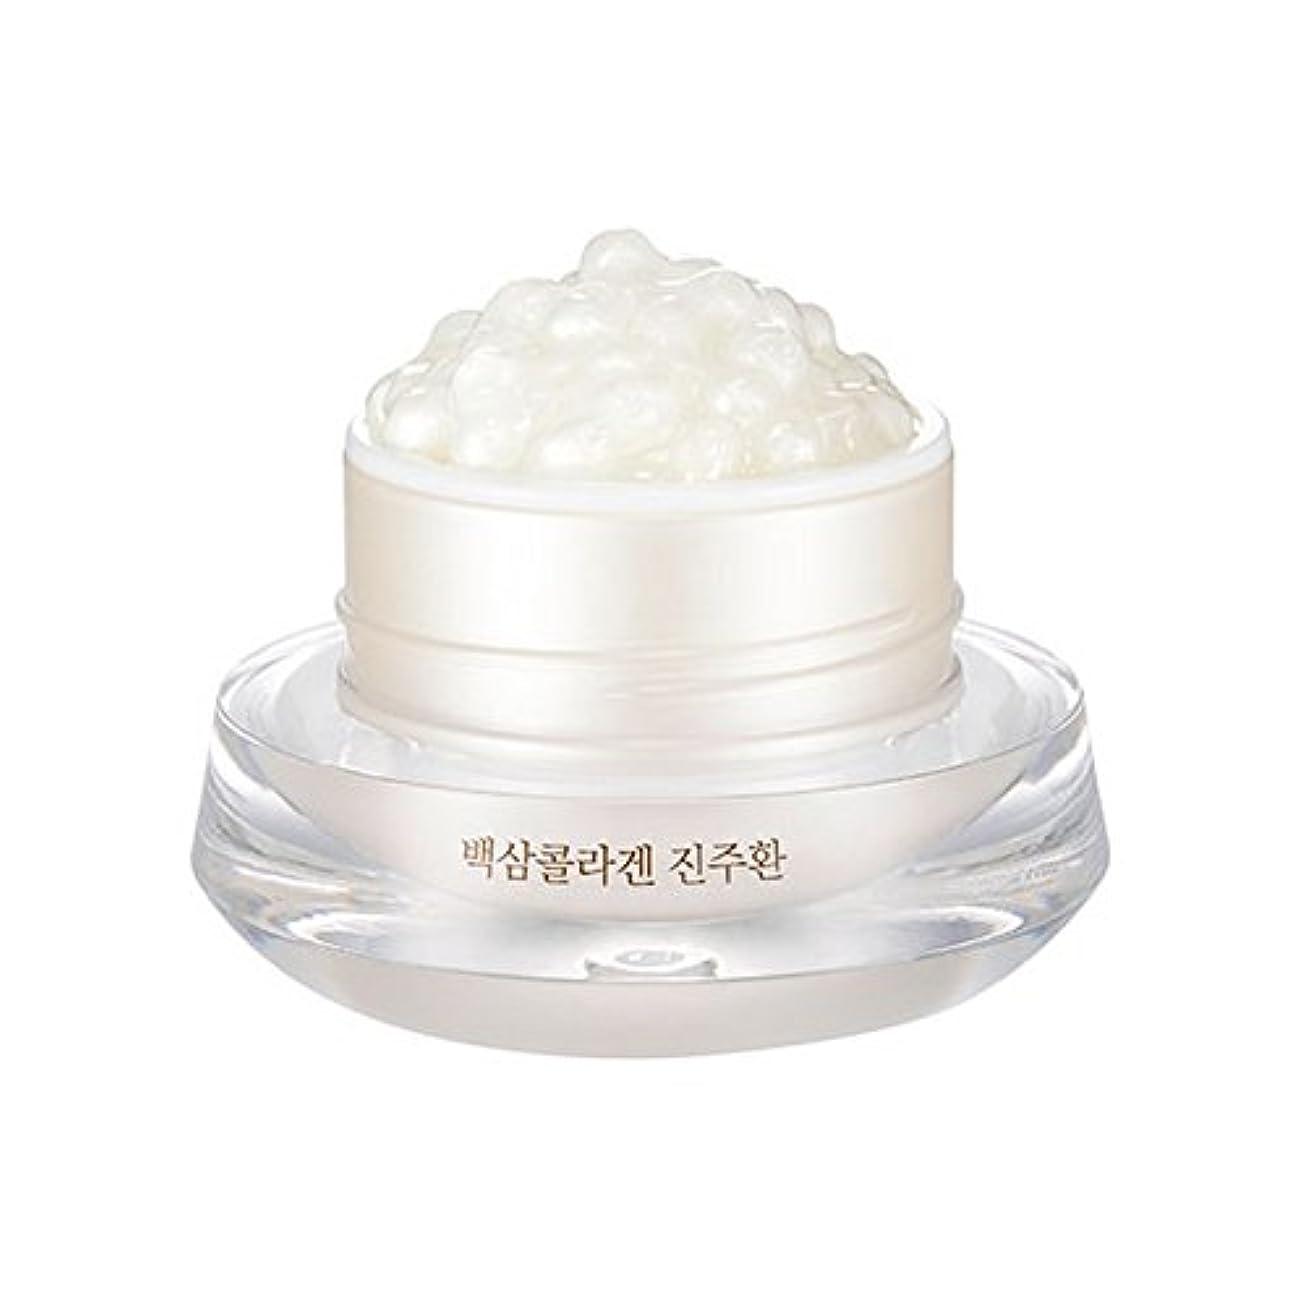 楽しむ小競り合いエキス[ザ?フェイスショップ] The Face Shop 白参 コラーゲン パール カプセルクリーム White Ginseng Collagen Pearl Capsule Cream [並行輸入品]